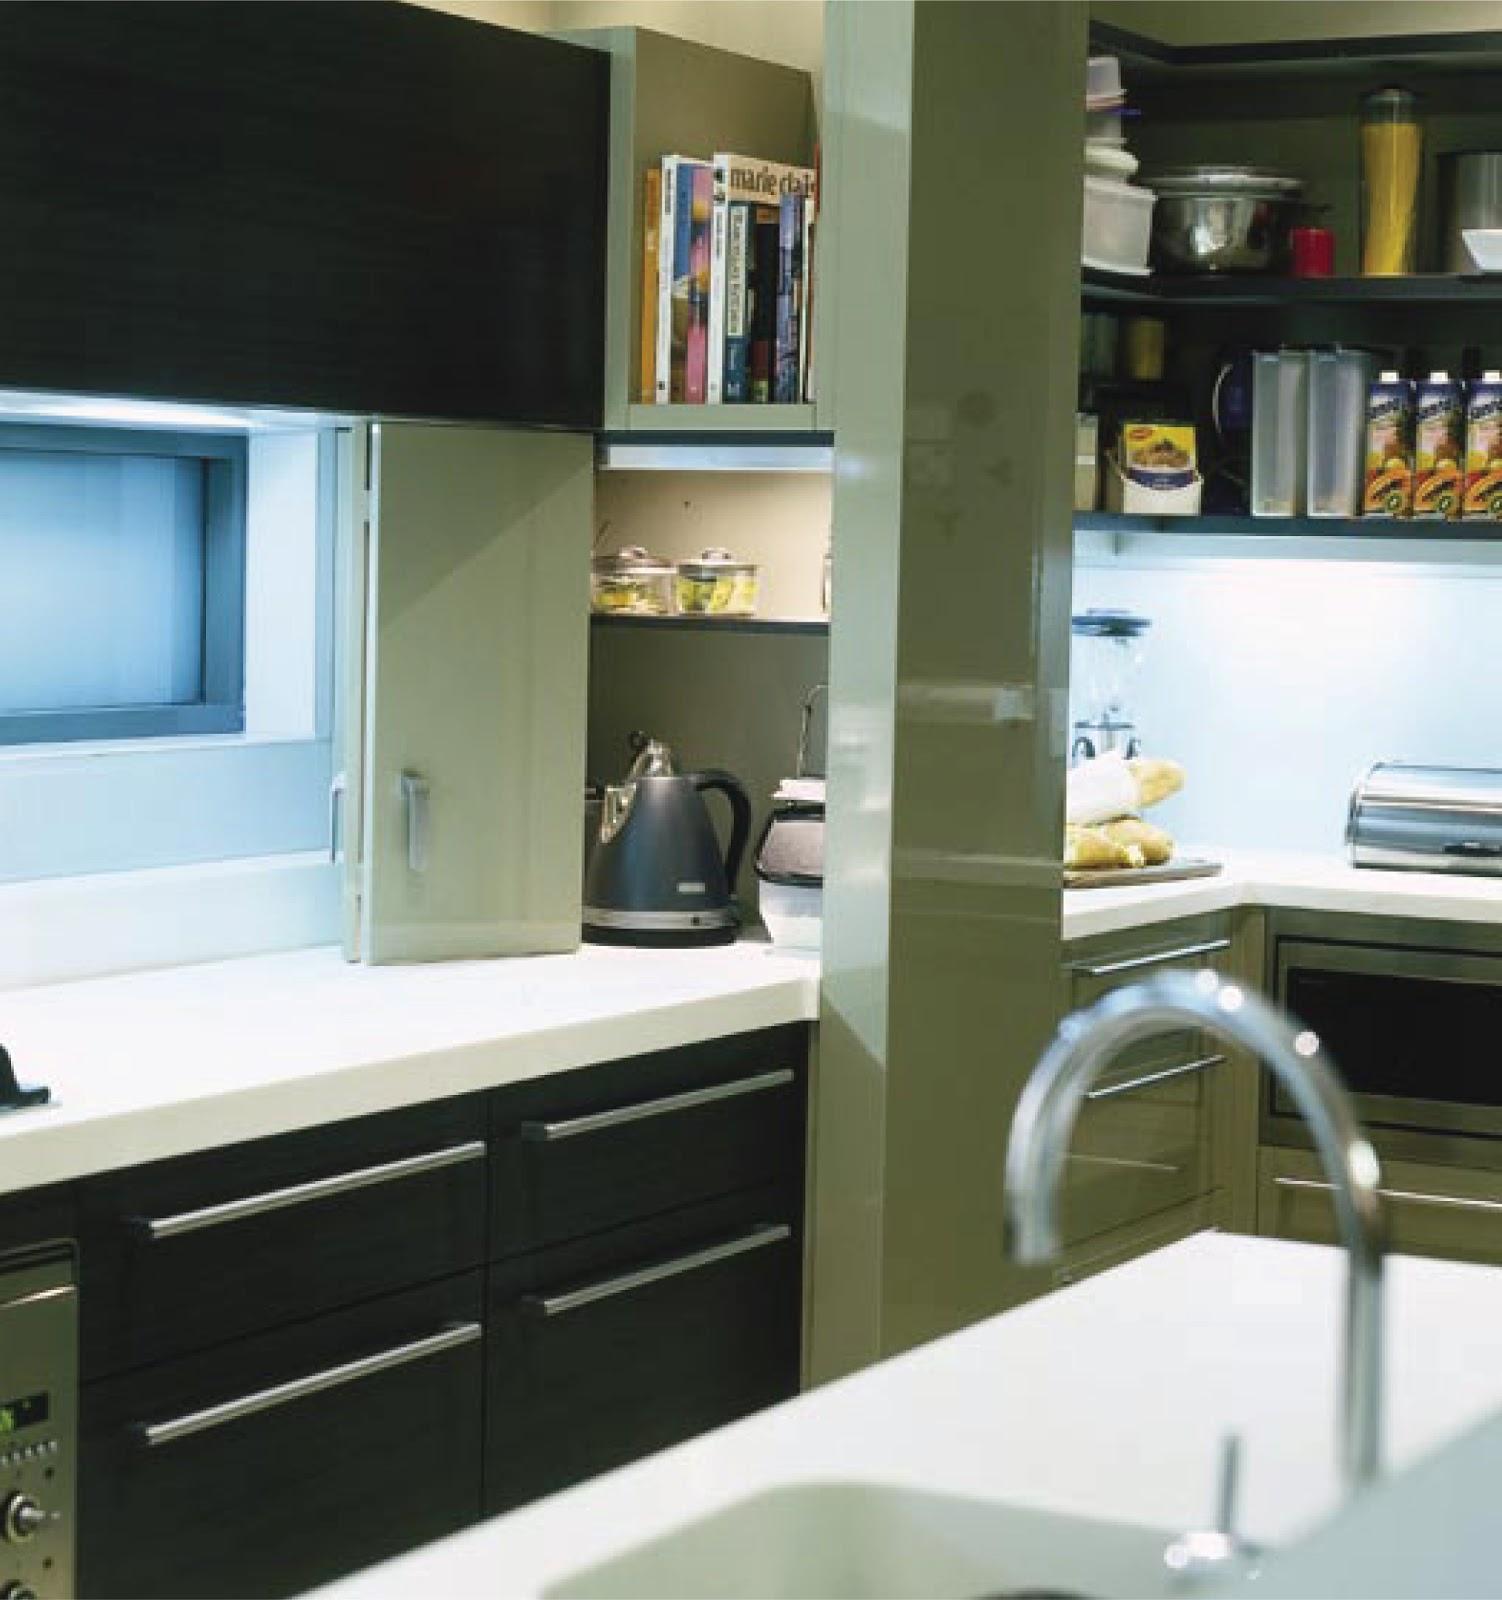 Sa Kitchen Designs: The Balancing Act Between Design